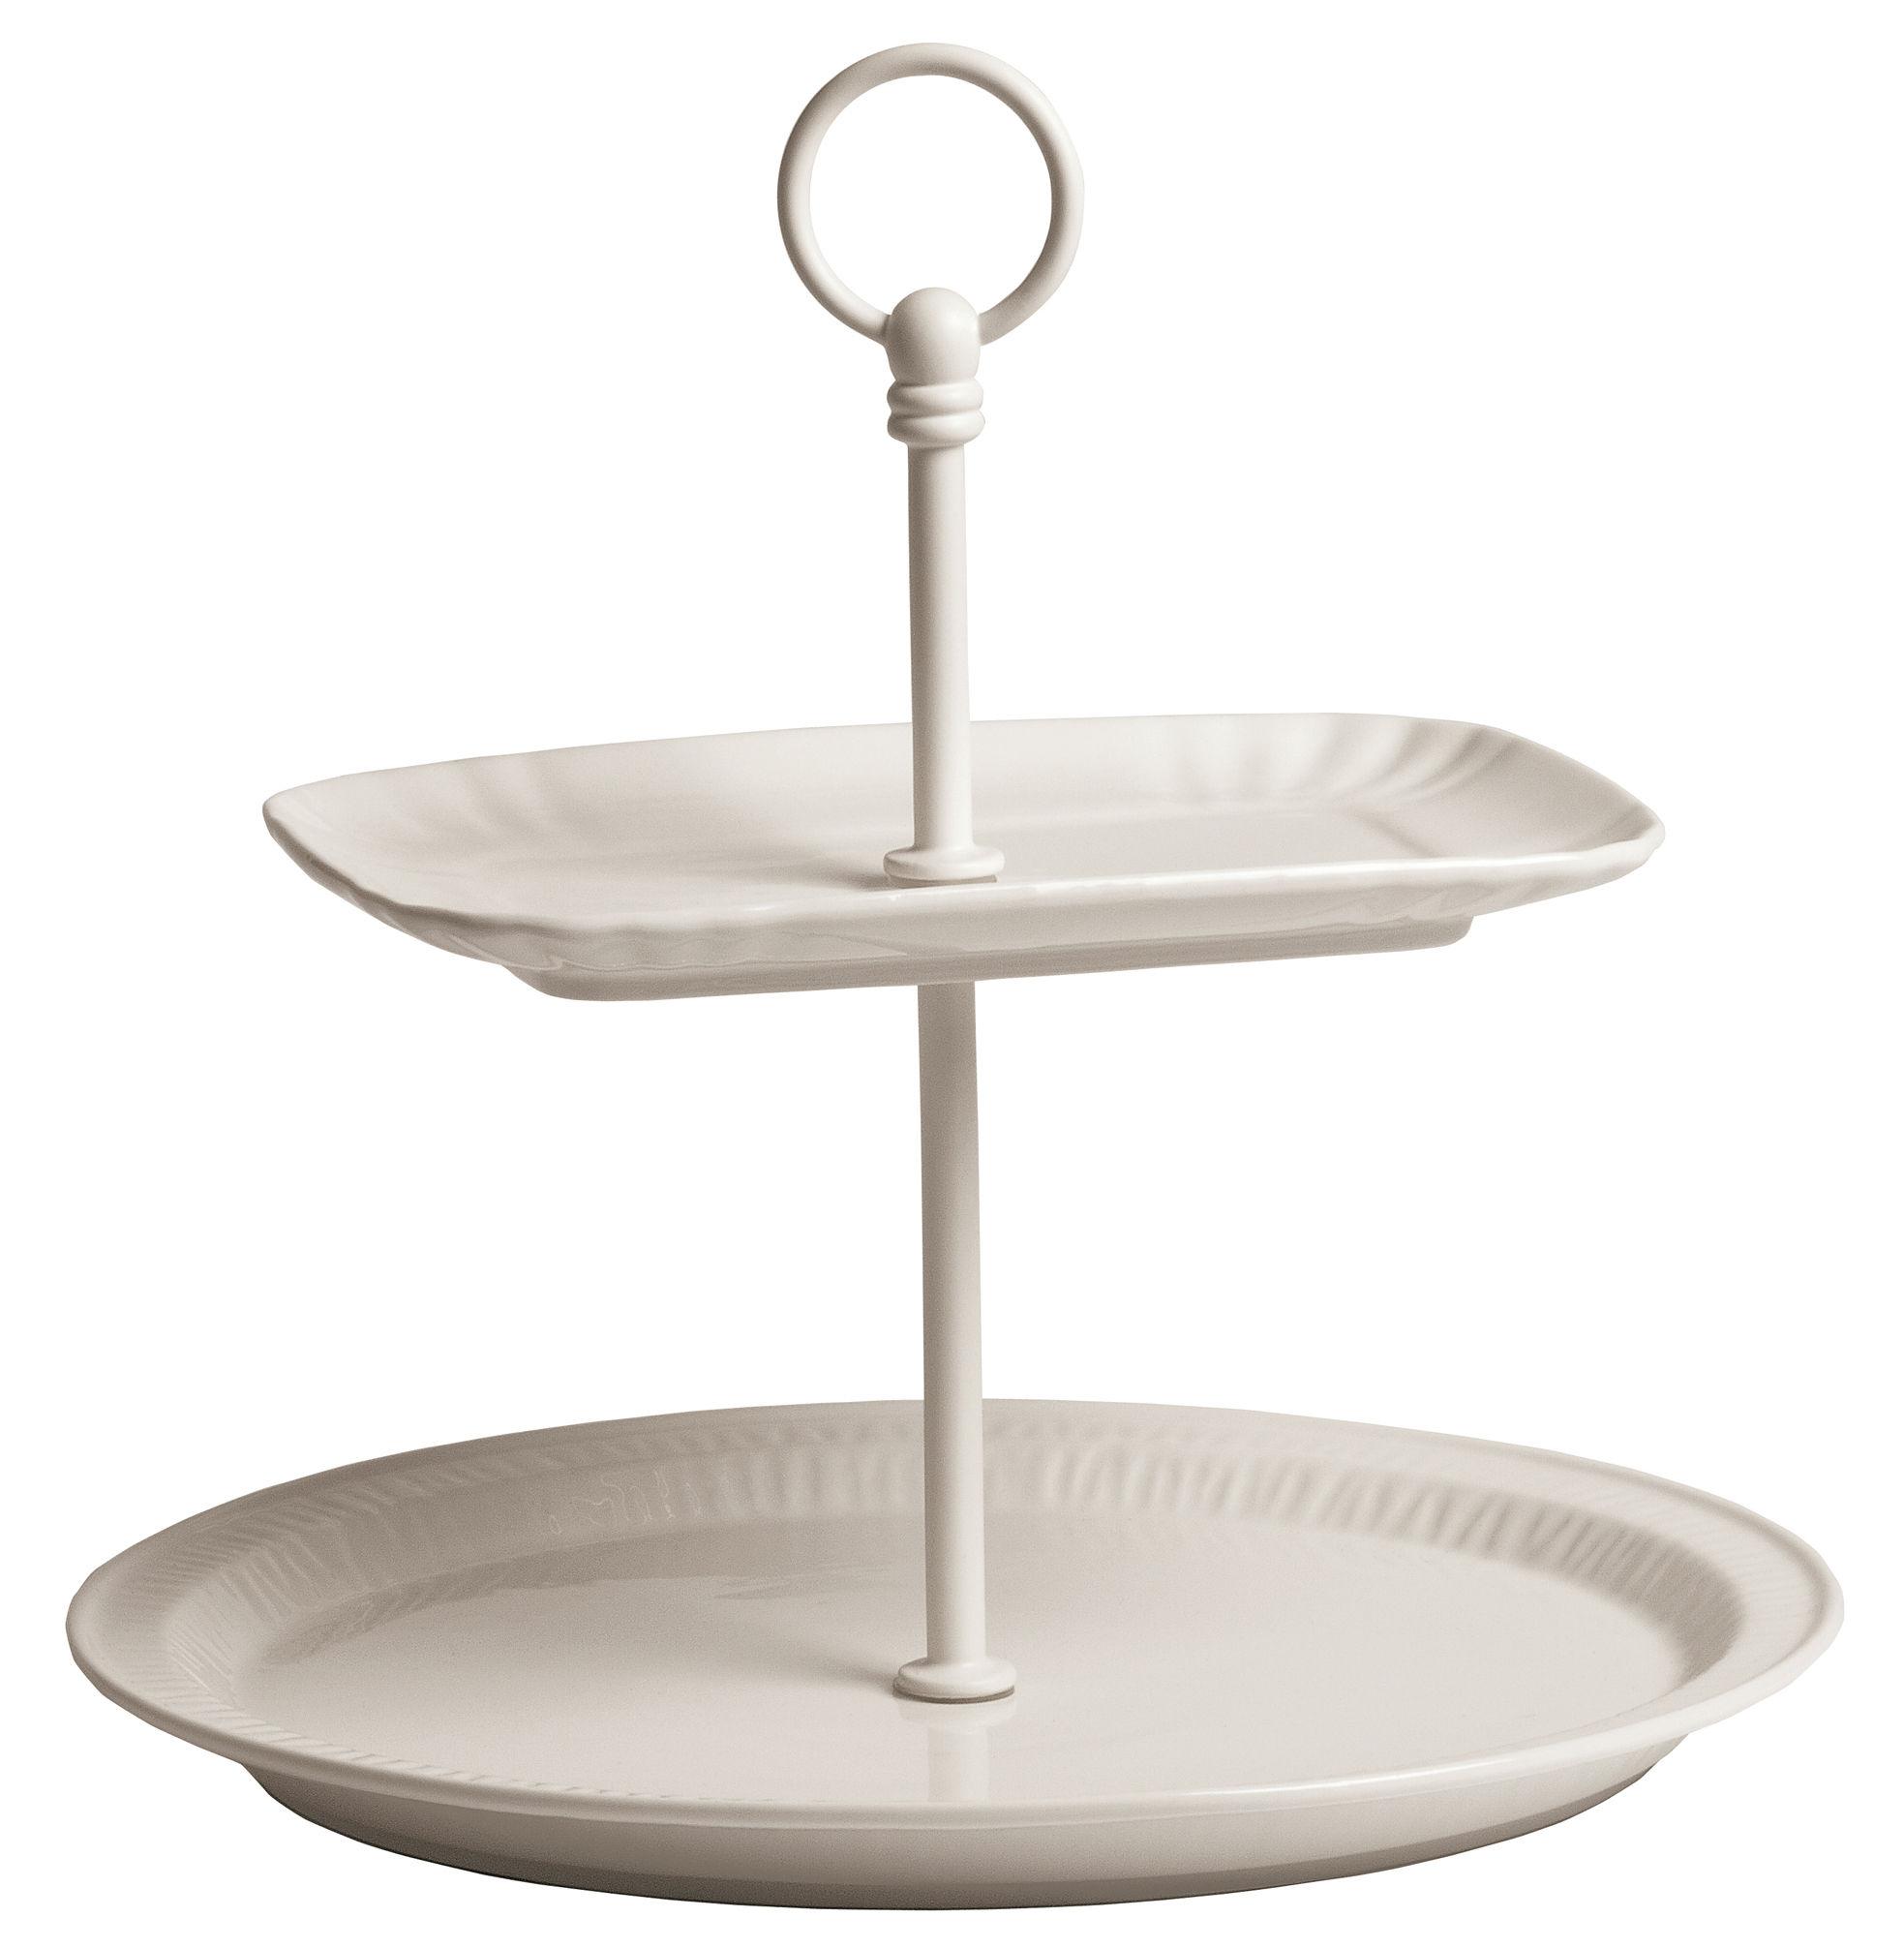 Tableware - Serving Plates - Estetico Quotidiano Presentation dish - Ø 28 cm x H 25,5 cm by Seletti - White - China